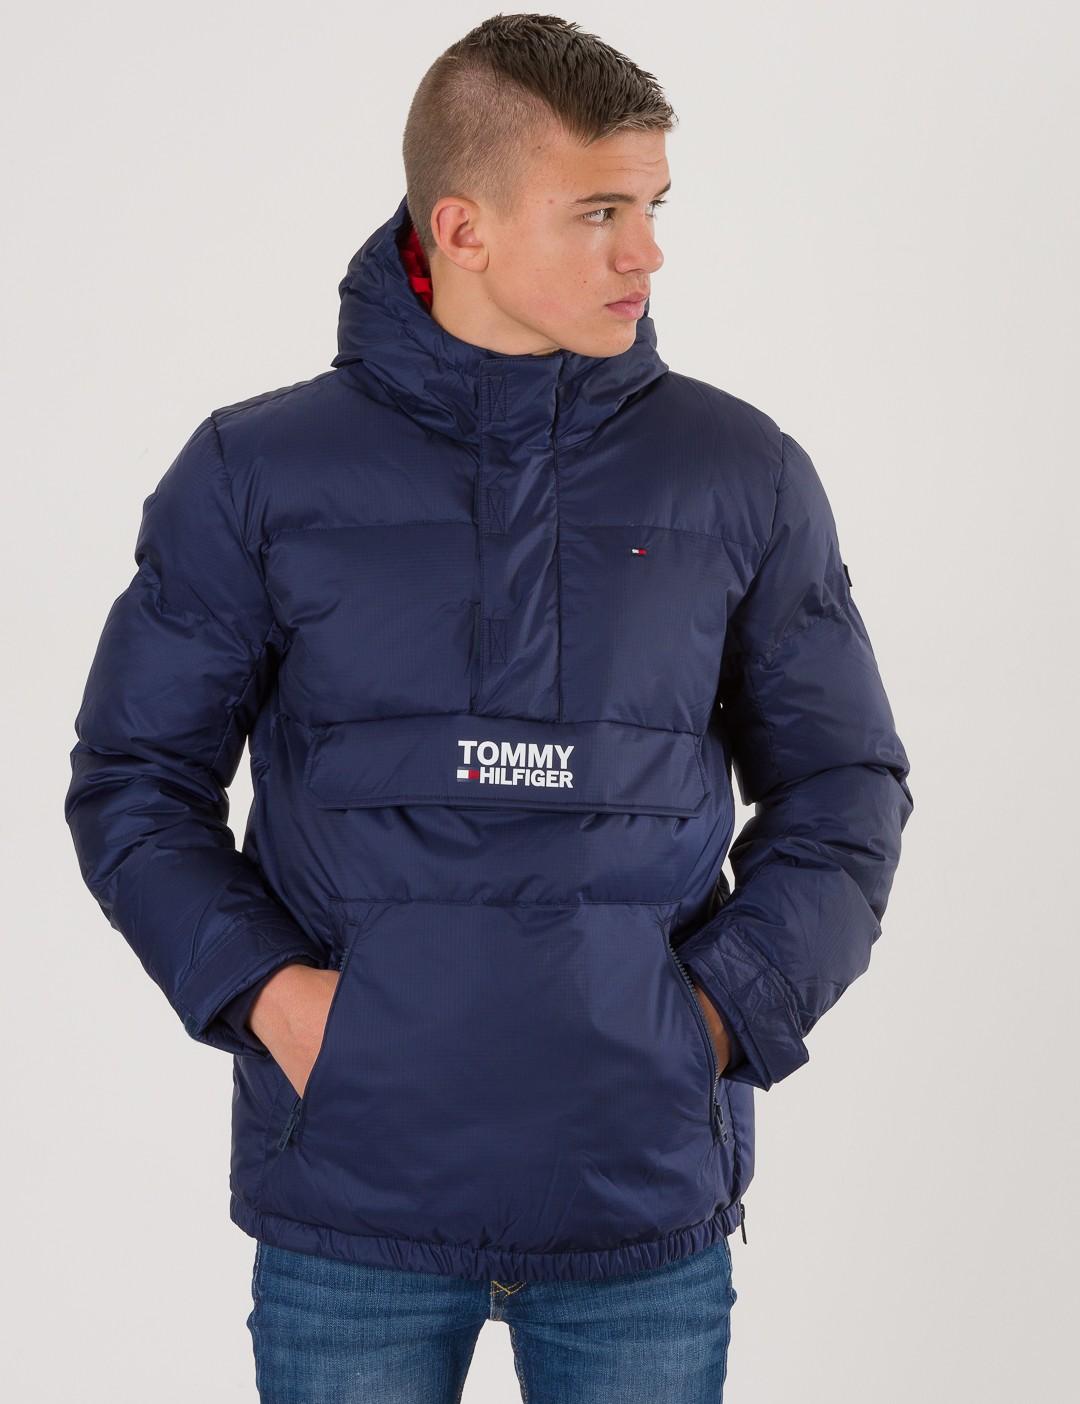 9dec2f44 Om Padded Pop Over Jacket - Blå från Tommy Hilfiger   KidsBrandStore